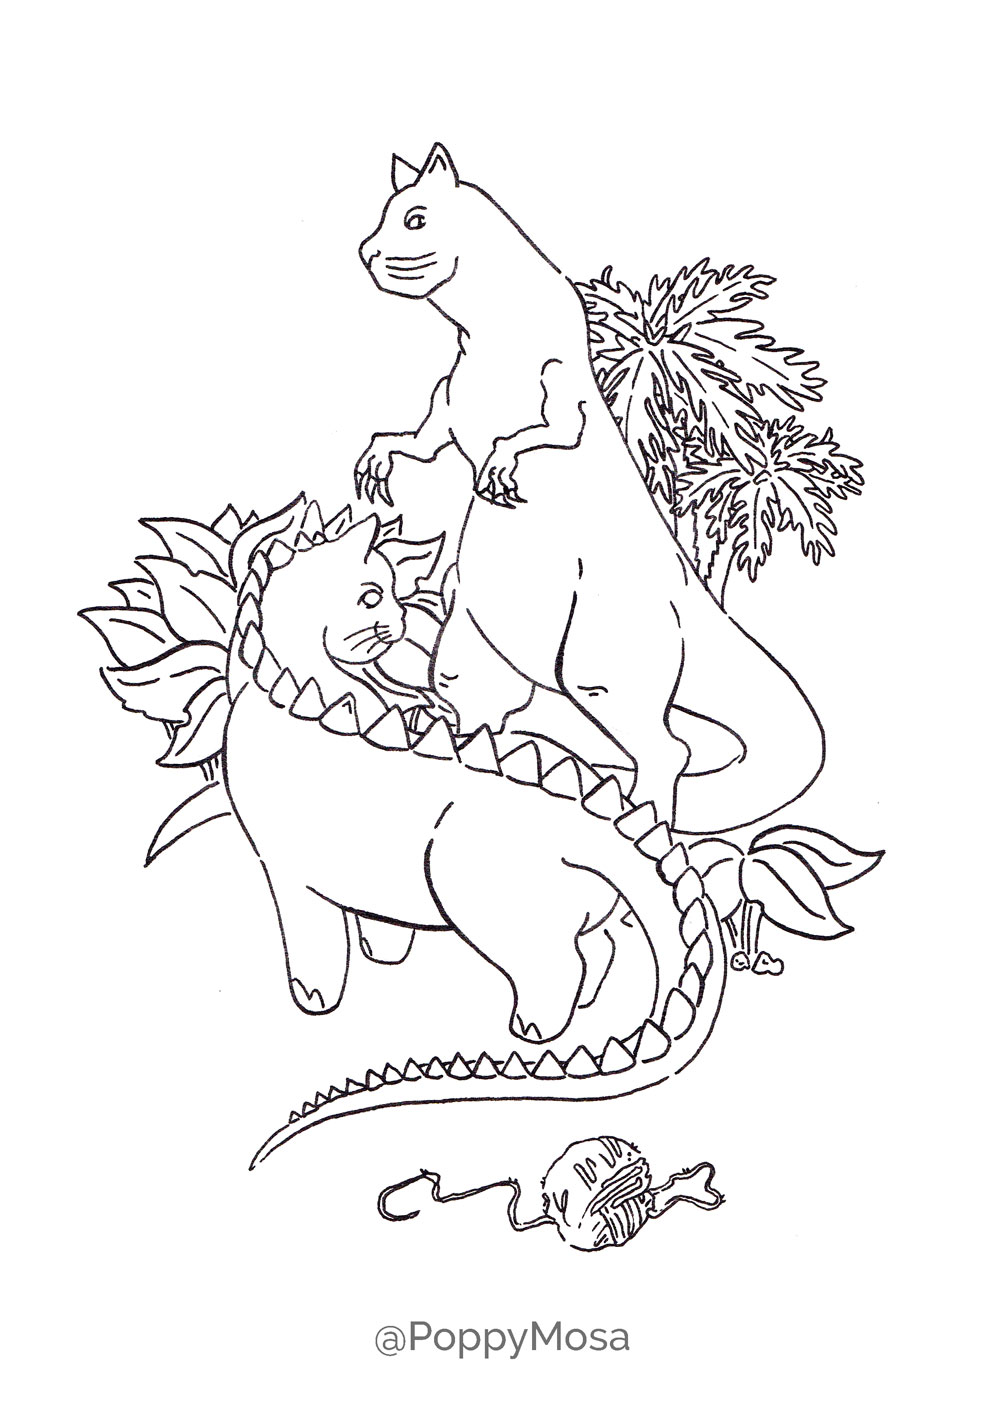 Dinocats